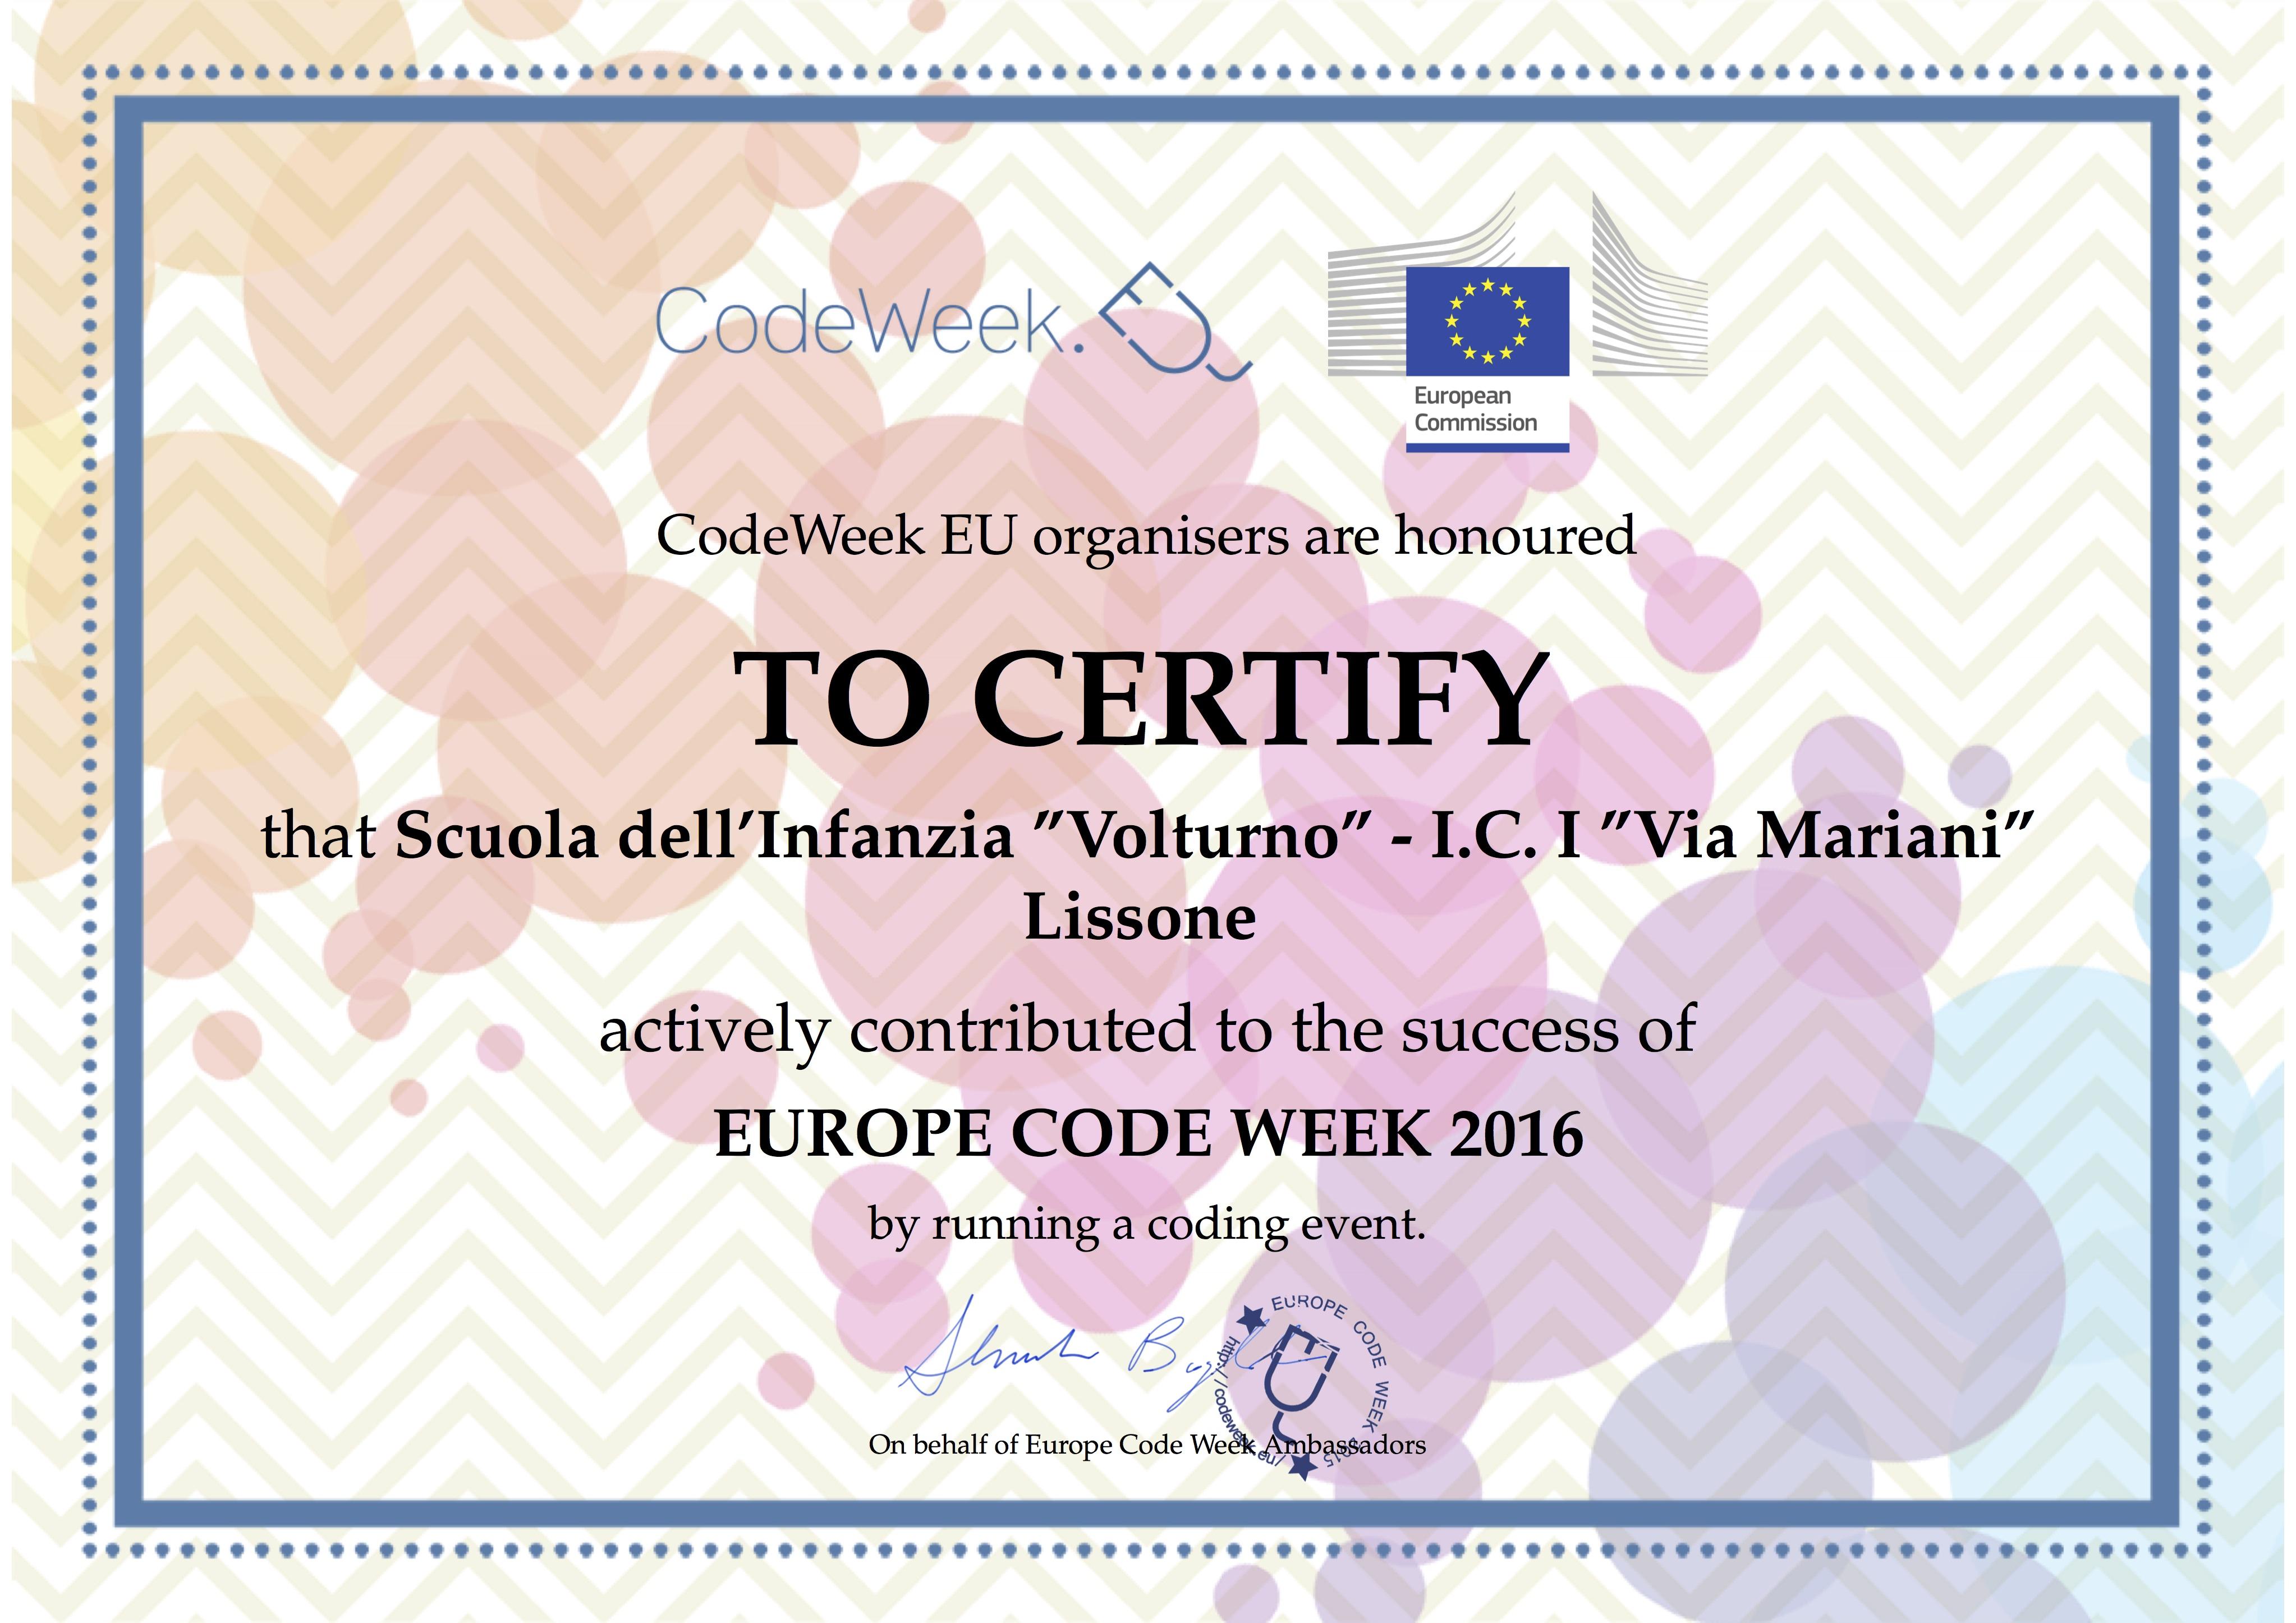 certificato-Volturno